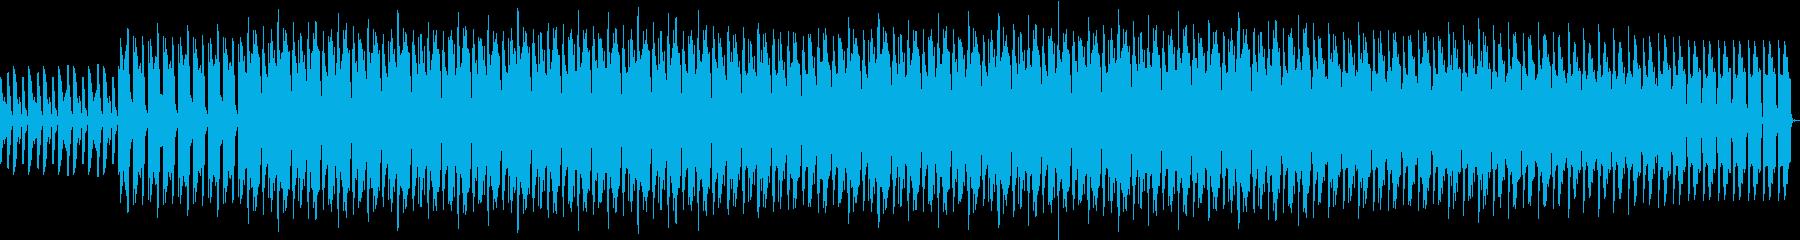 ピアノと笛がベースのエレクトロの再生済みの波形